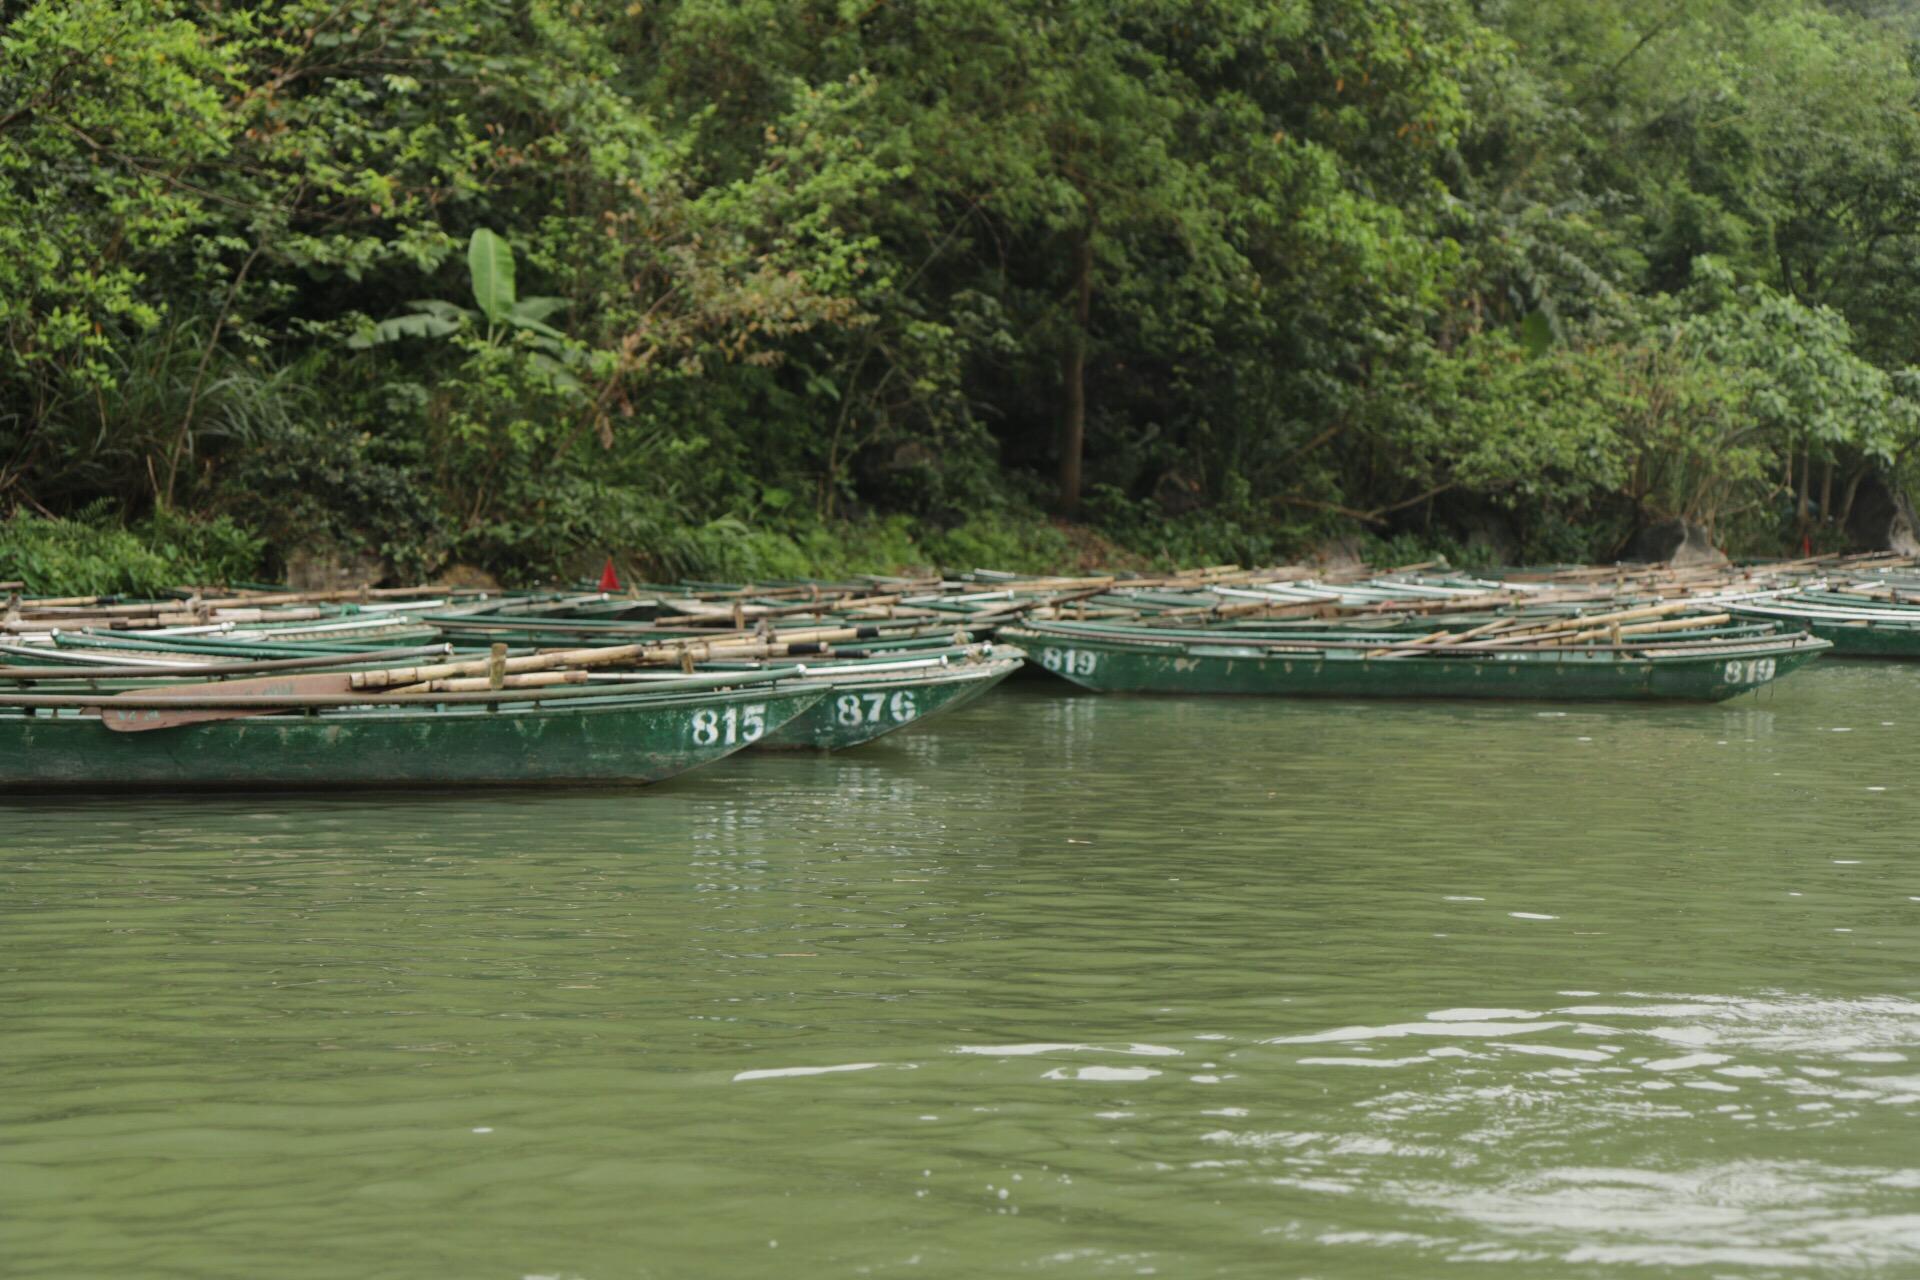 An den abgestellten Booten konnte man sehen, für welche Massen die Anlage ausgelegt war.